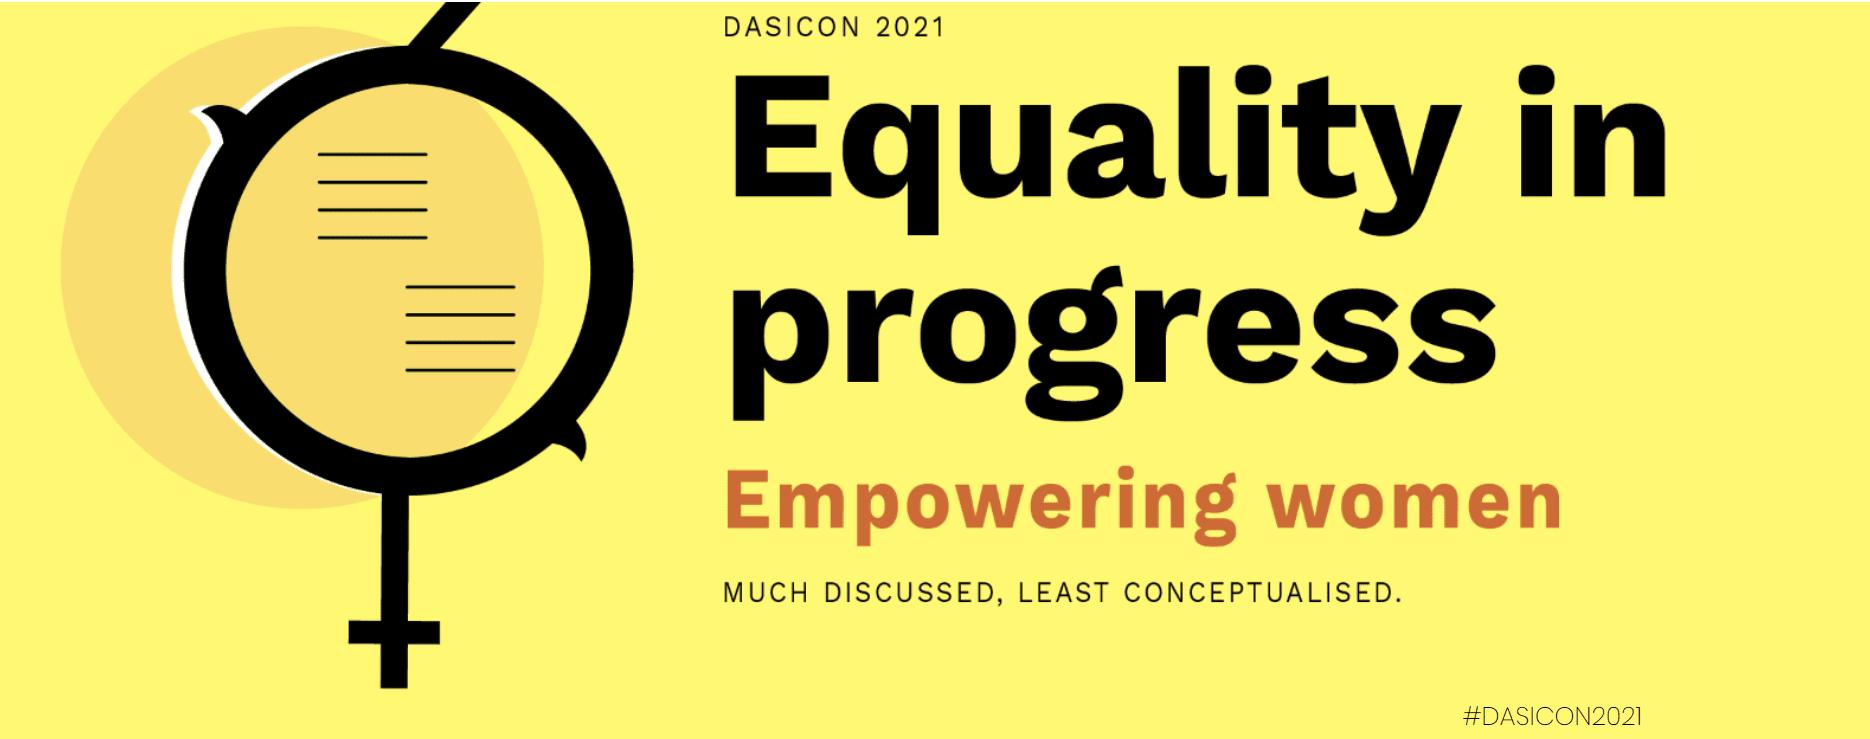 DASICON conference poster Feb 2021